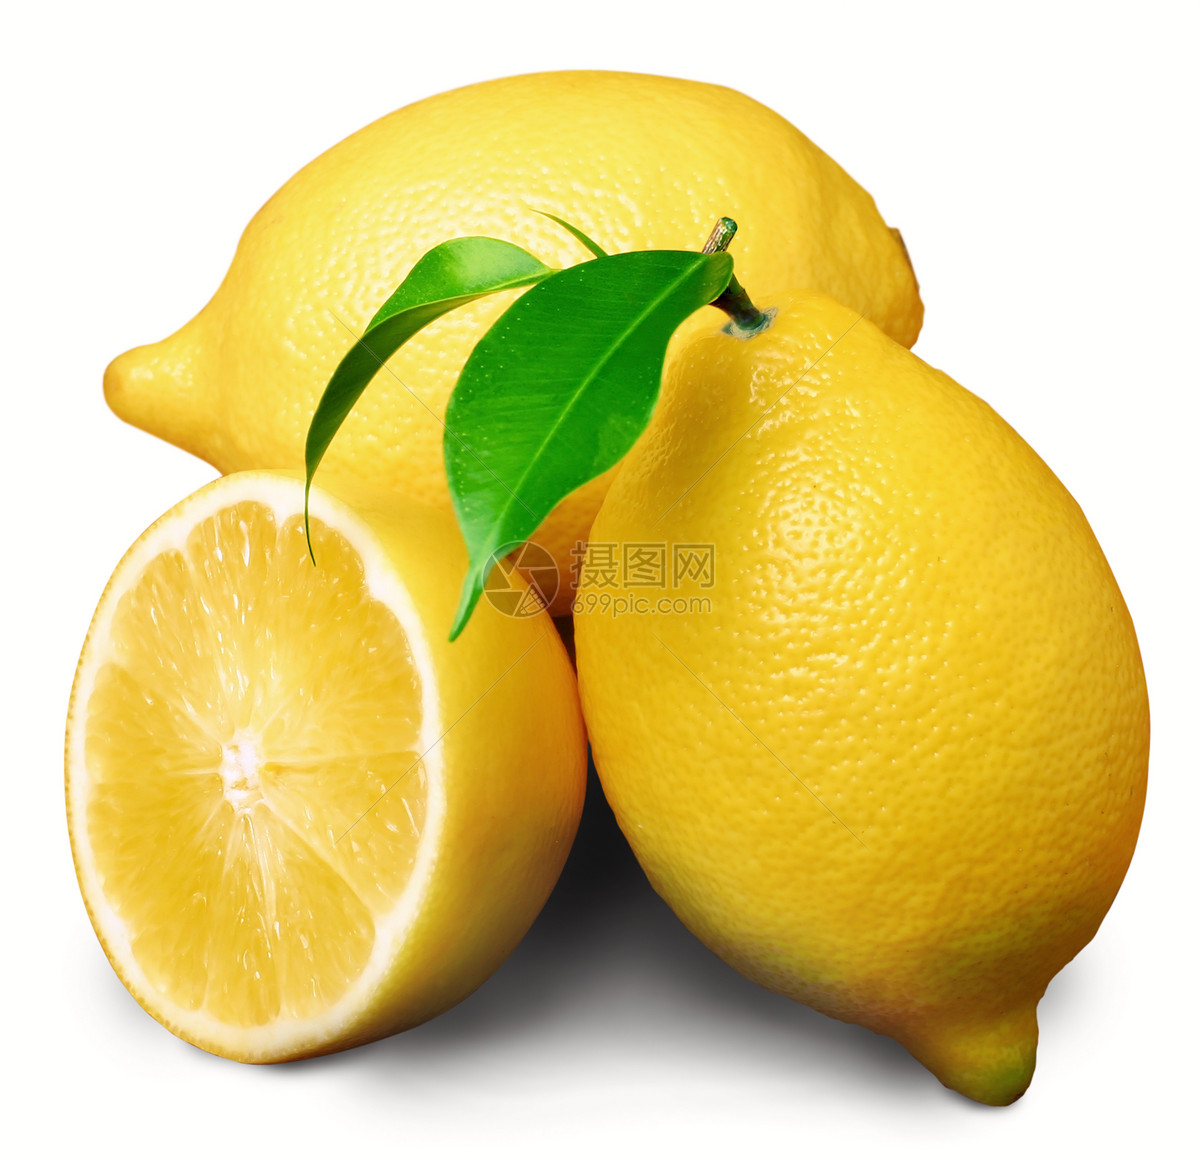 唯美图片 餐饮美食 柠檬jpg  分享: qq好友 微信朋友圈 qq空间 新浪